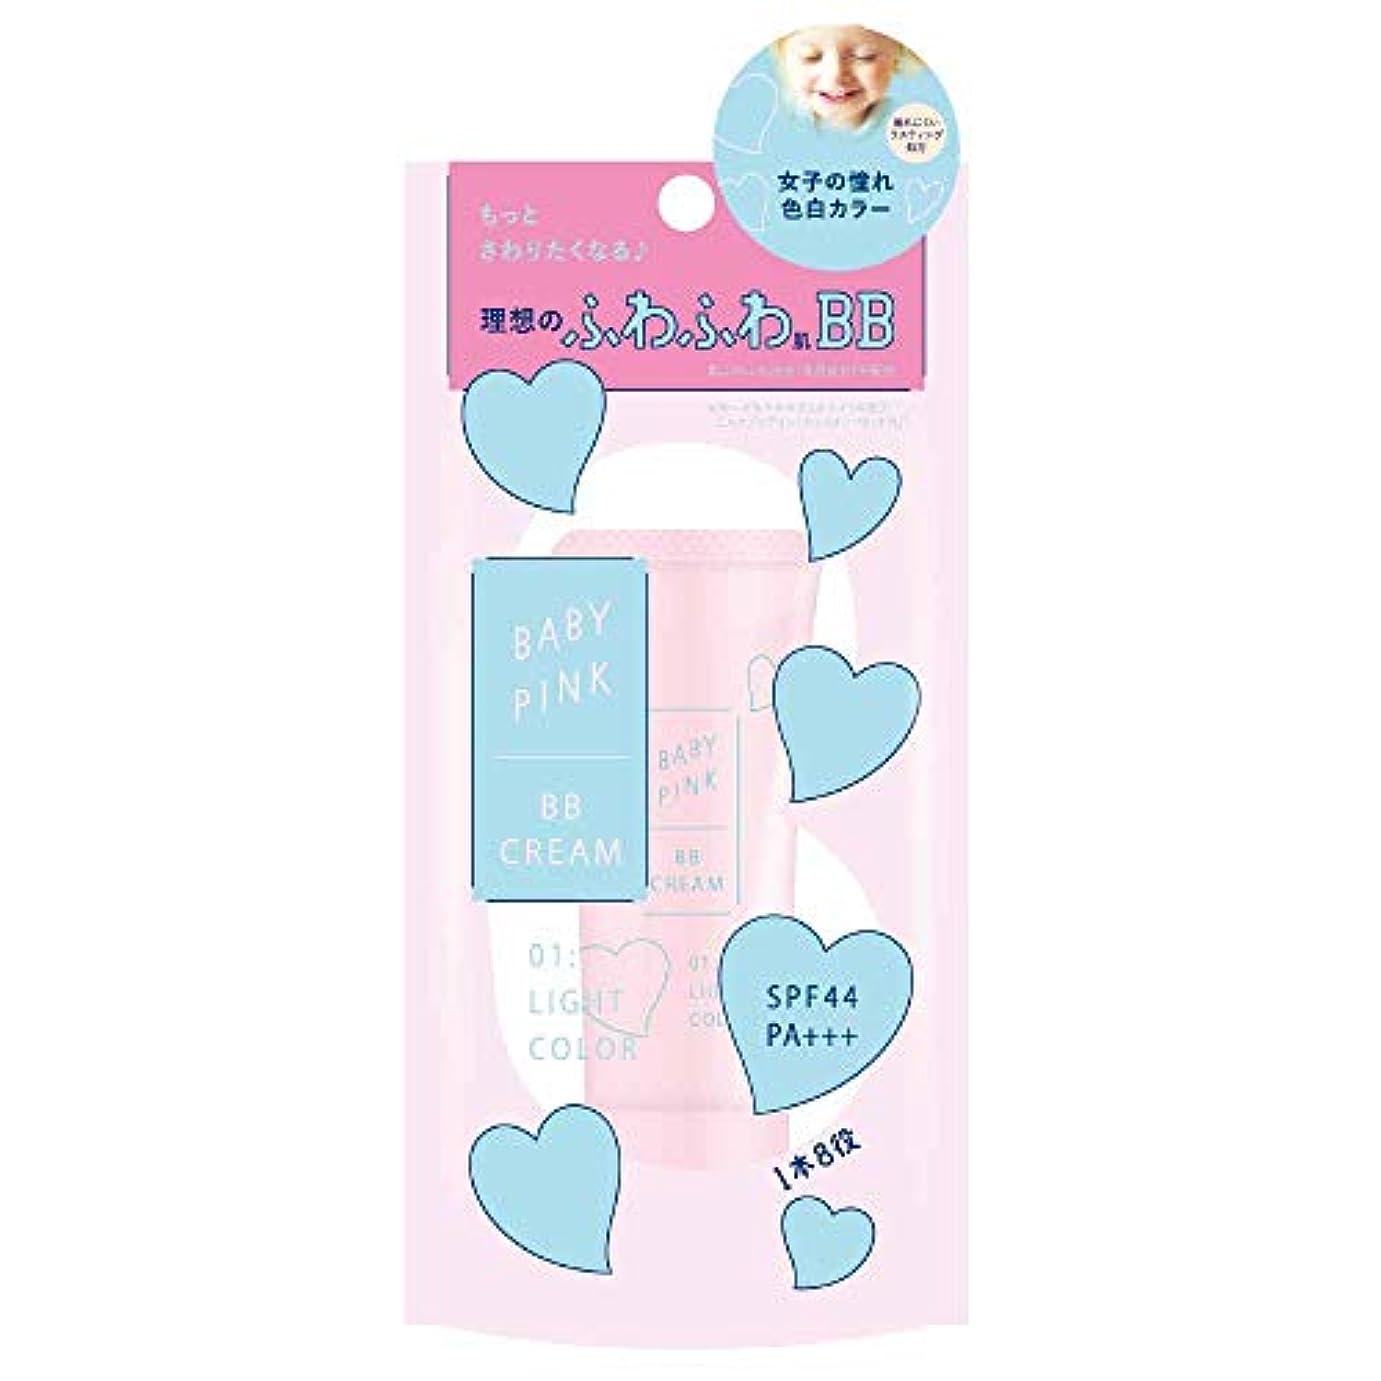 売る体系的に精査ベビーピンク BBクリーム 01:ライトカラー 22g